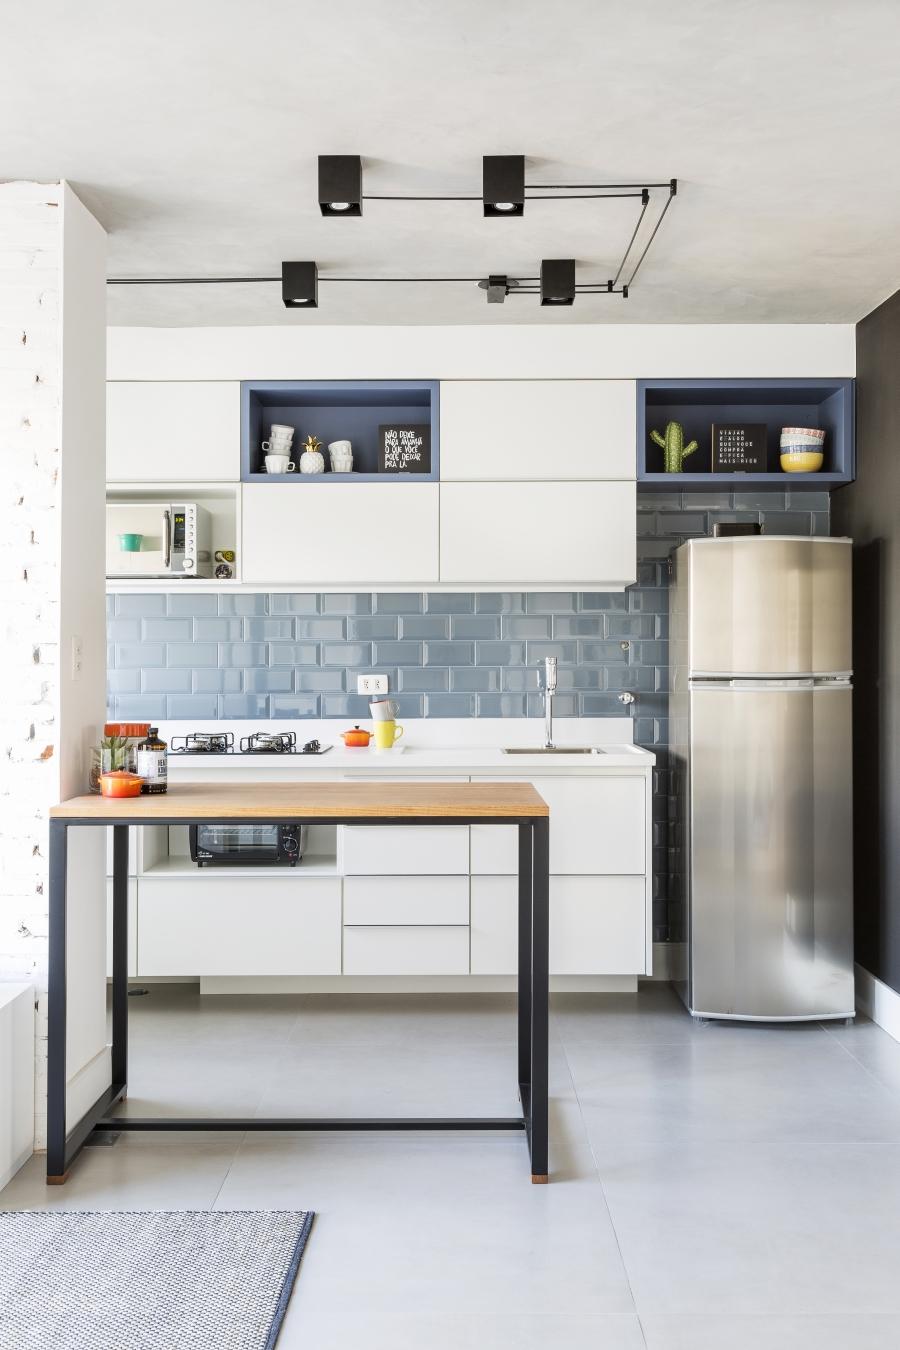 Azulejos azuis compõe a decoração da cozinha americana. Foto: Júlia Ribeiro/Divulgação